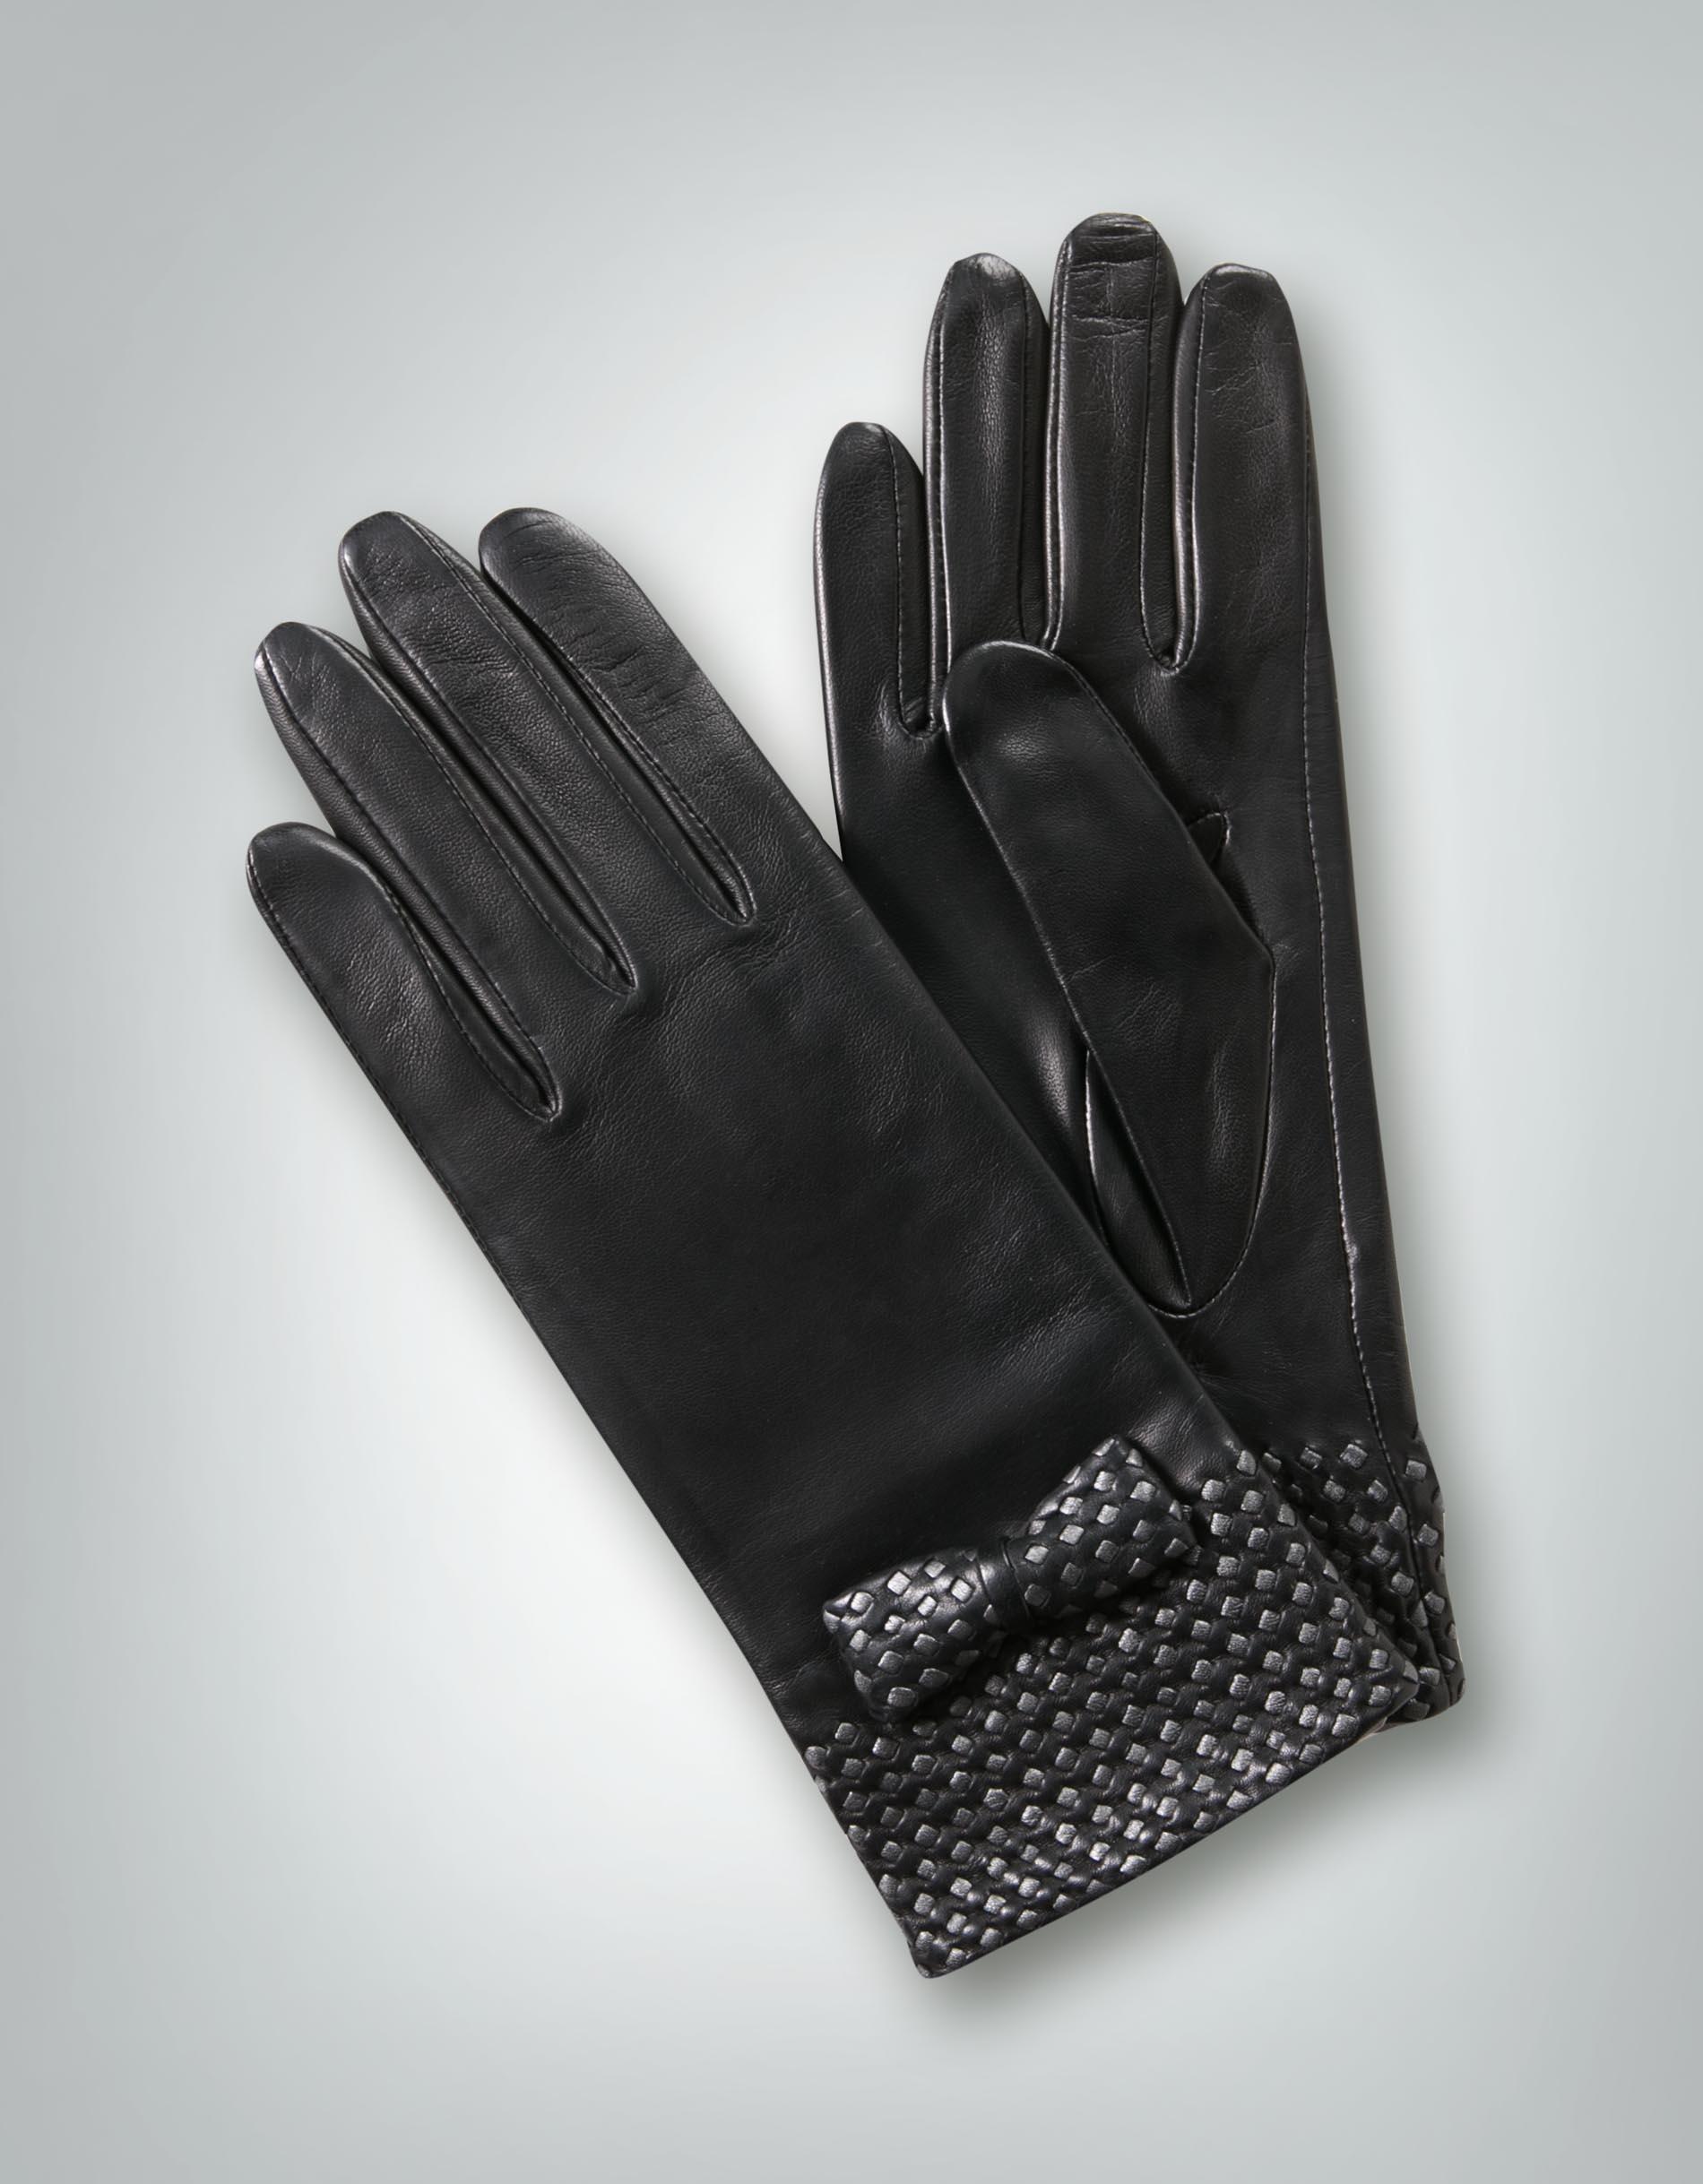 roeckl damen handschuhe mit schleifenverzierung empfohlen. Black Bedroom Furniture Sets. Home Design Ideas